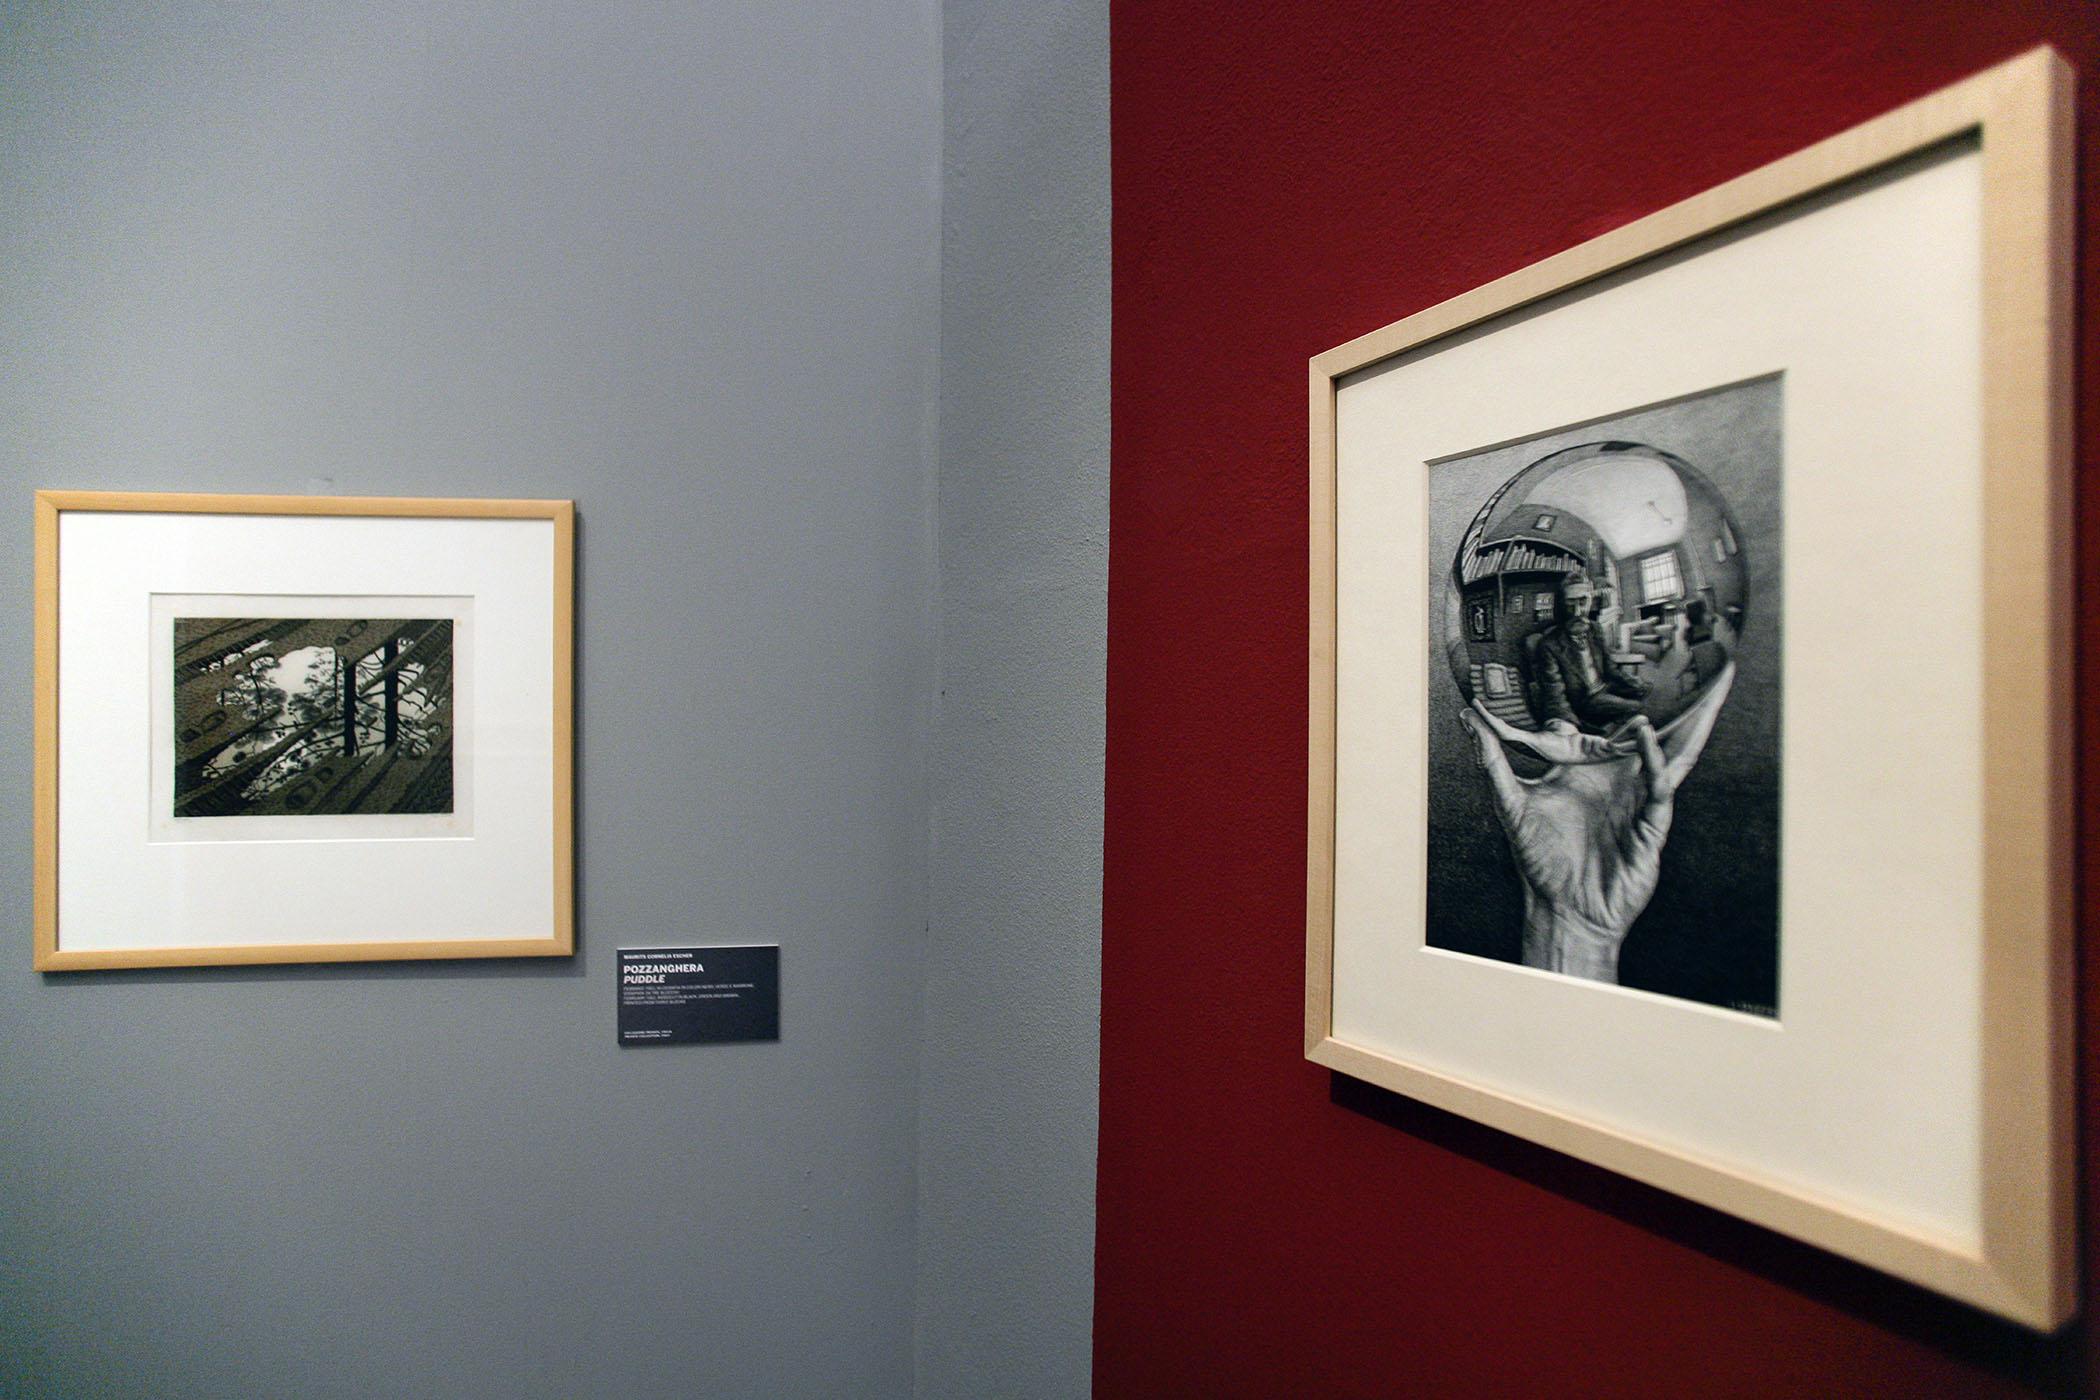 No press escher a catania prorogata la chiusura for Escher mostra catania